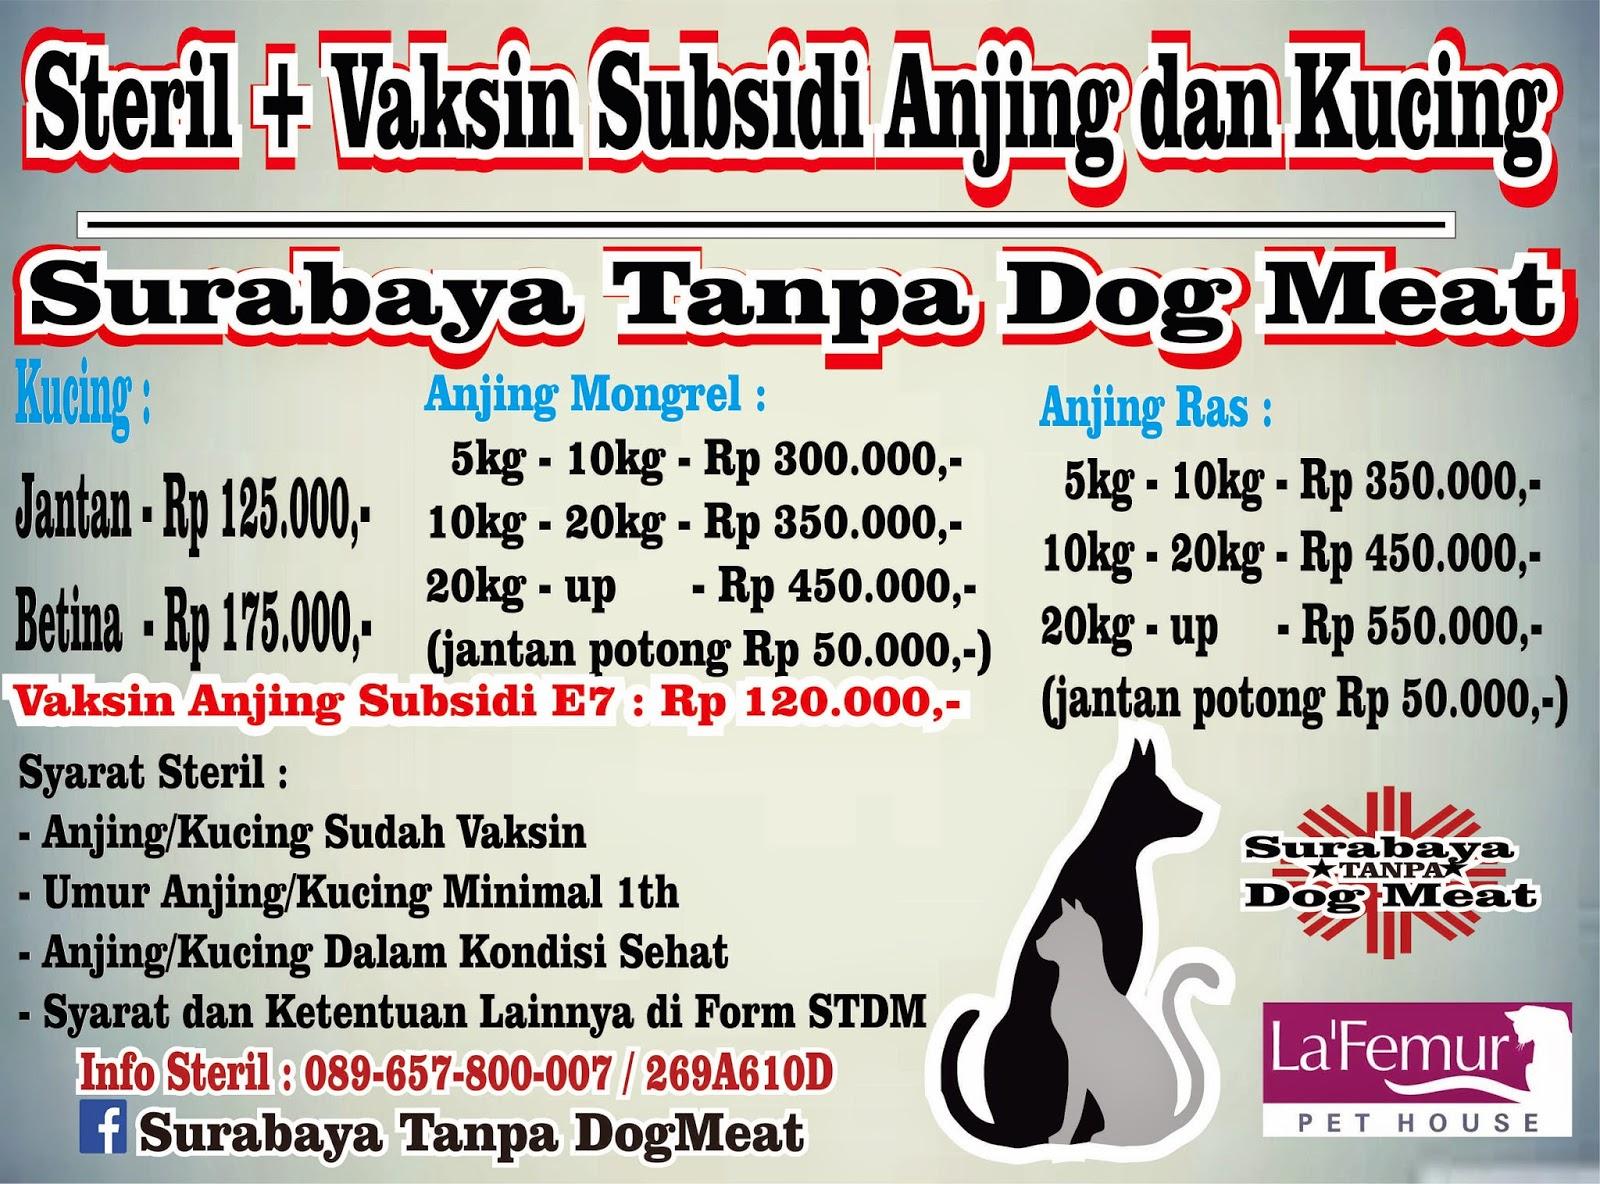 http://anjingrepublik.blogspot.com/2015/01/steril-subsidi-anjing-dan-kucing.html